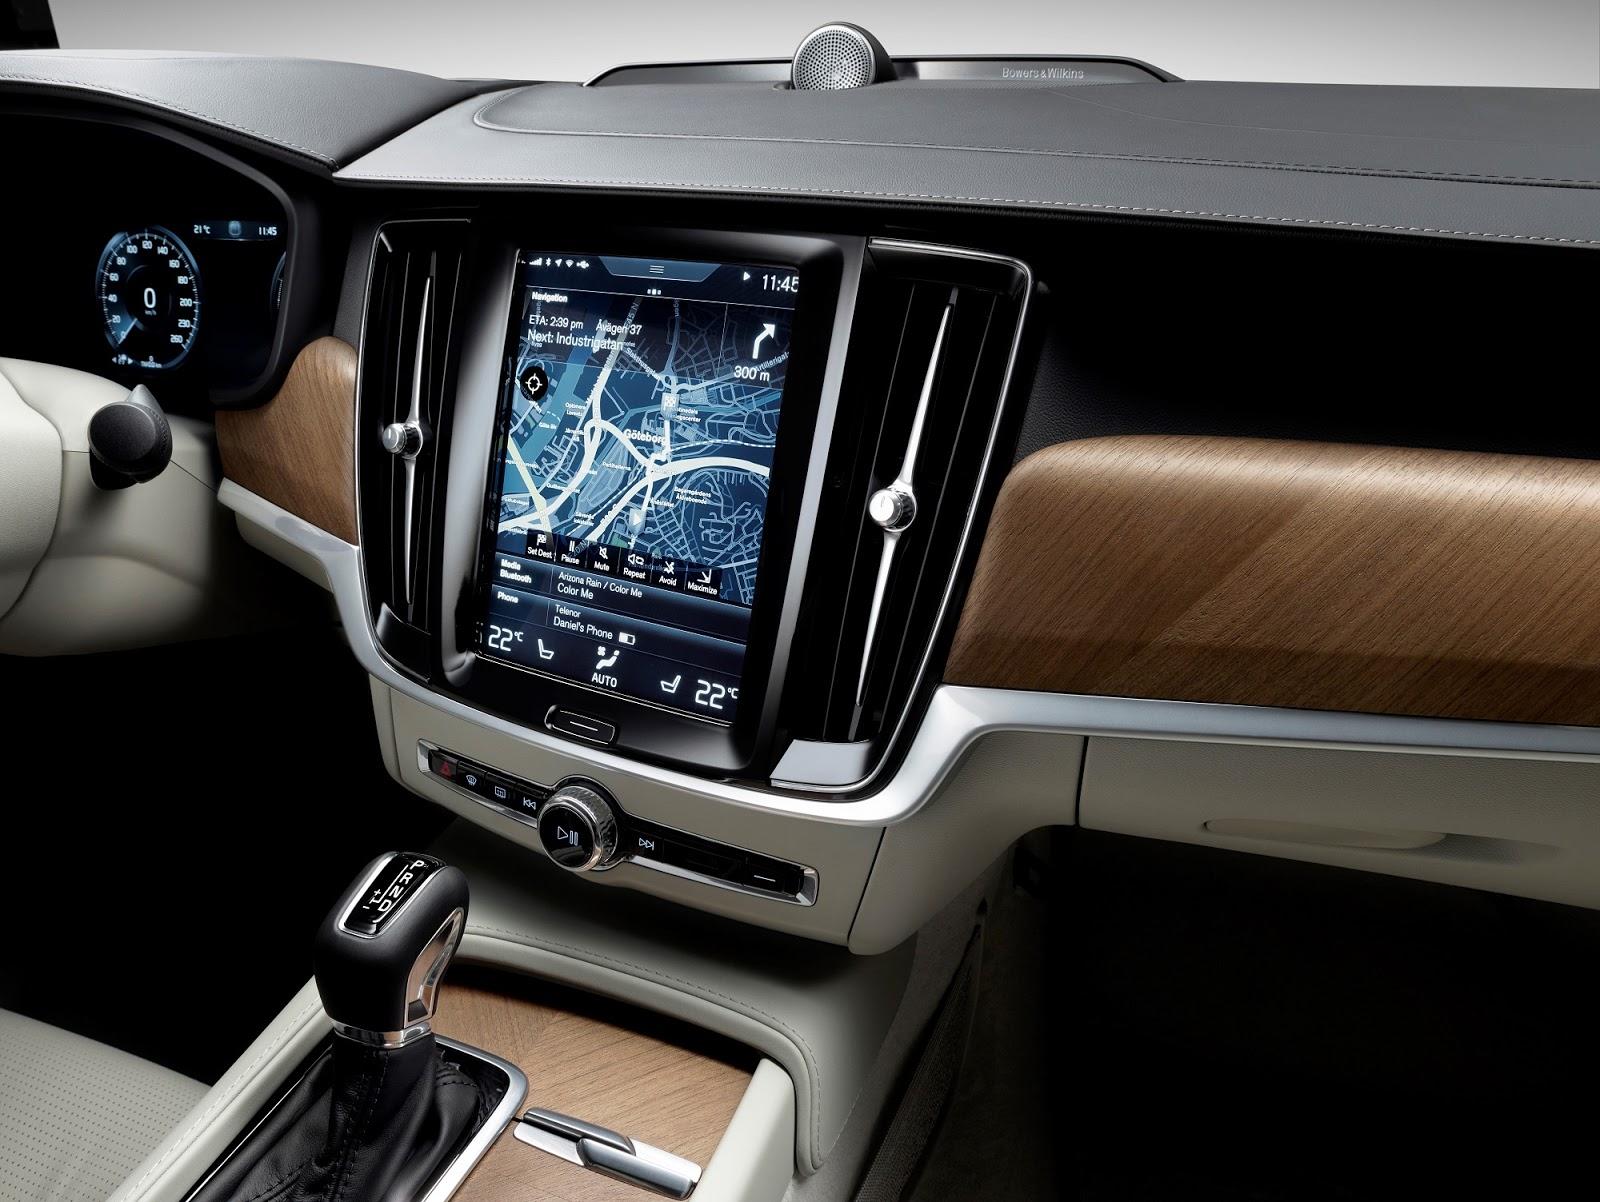 NEO%2BVOLVO%2BV90 10 Το V90 είναι το πιο όμορφο, το πιο ασφαλές station wagon και το πιο... Volvo Station Wagon, Volvo, Volvo V90